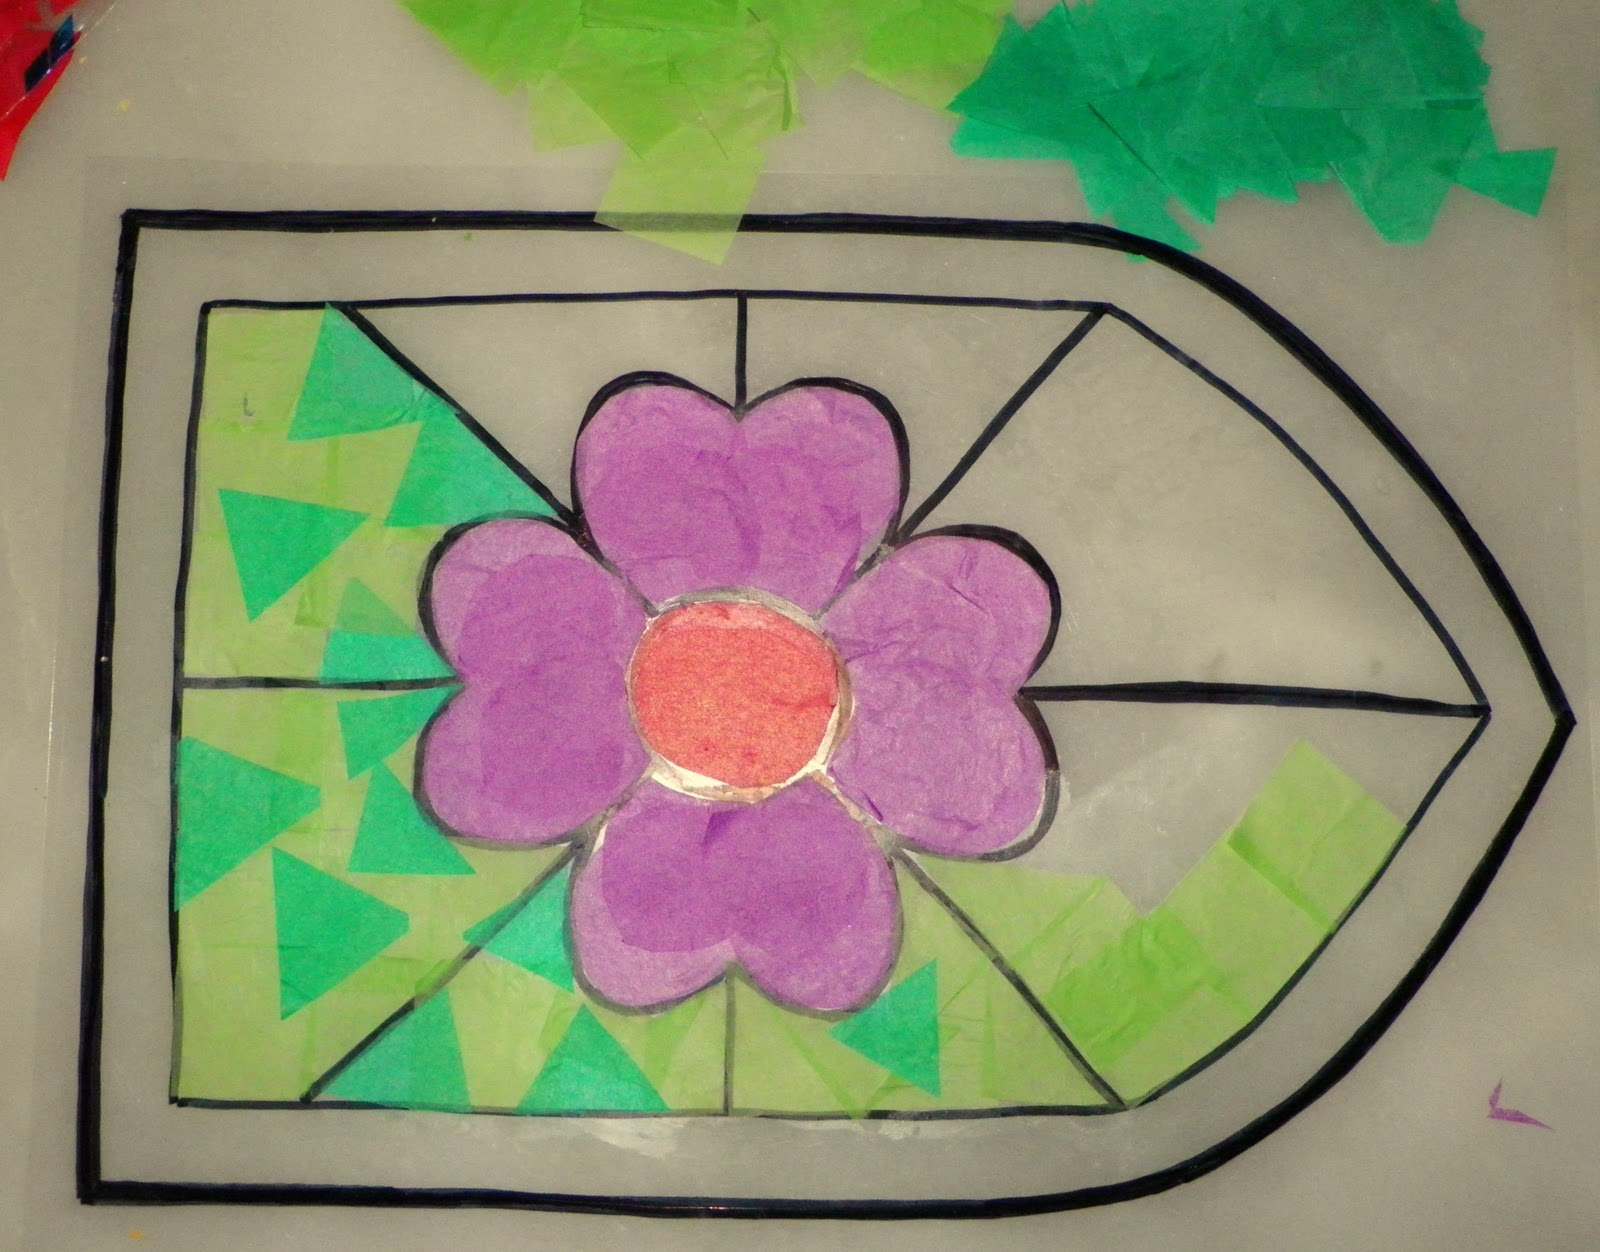 Re creo de colores vidriera de papel de seda sobre acetato - Como hacer una vidriera ...